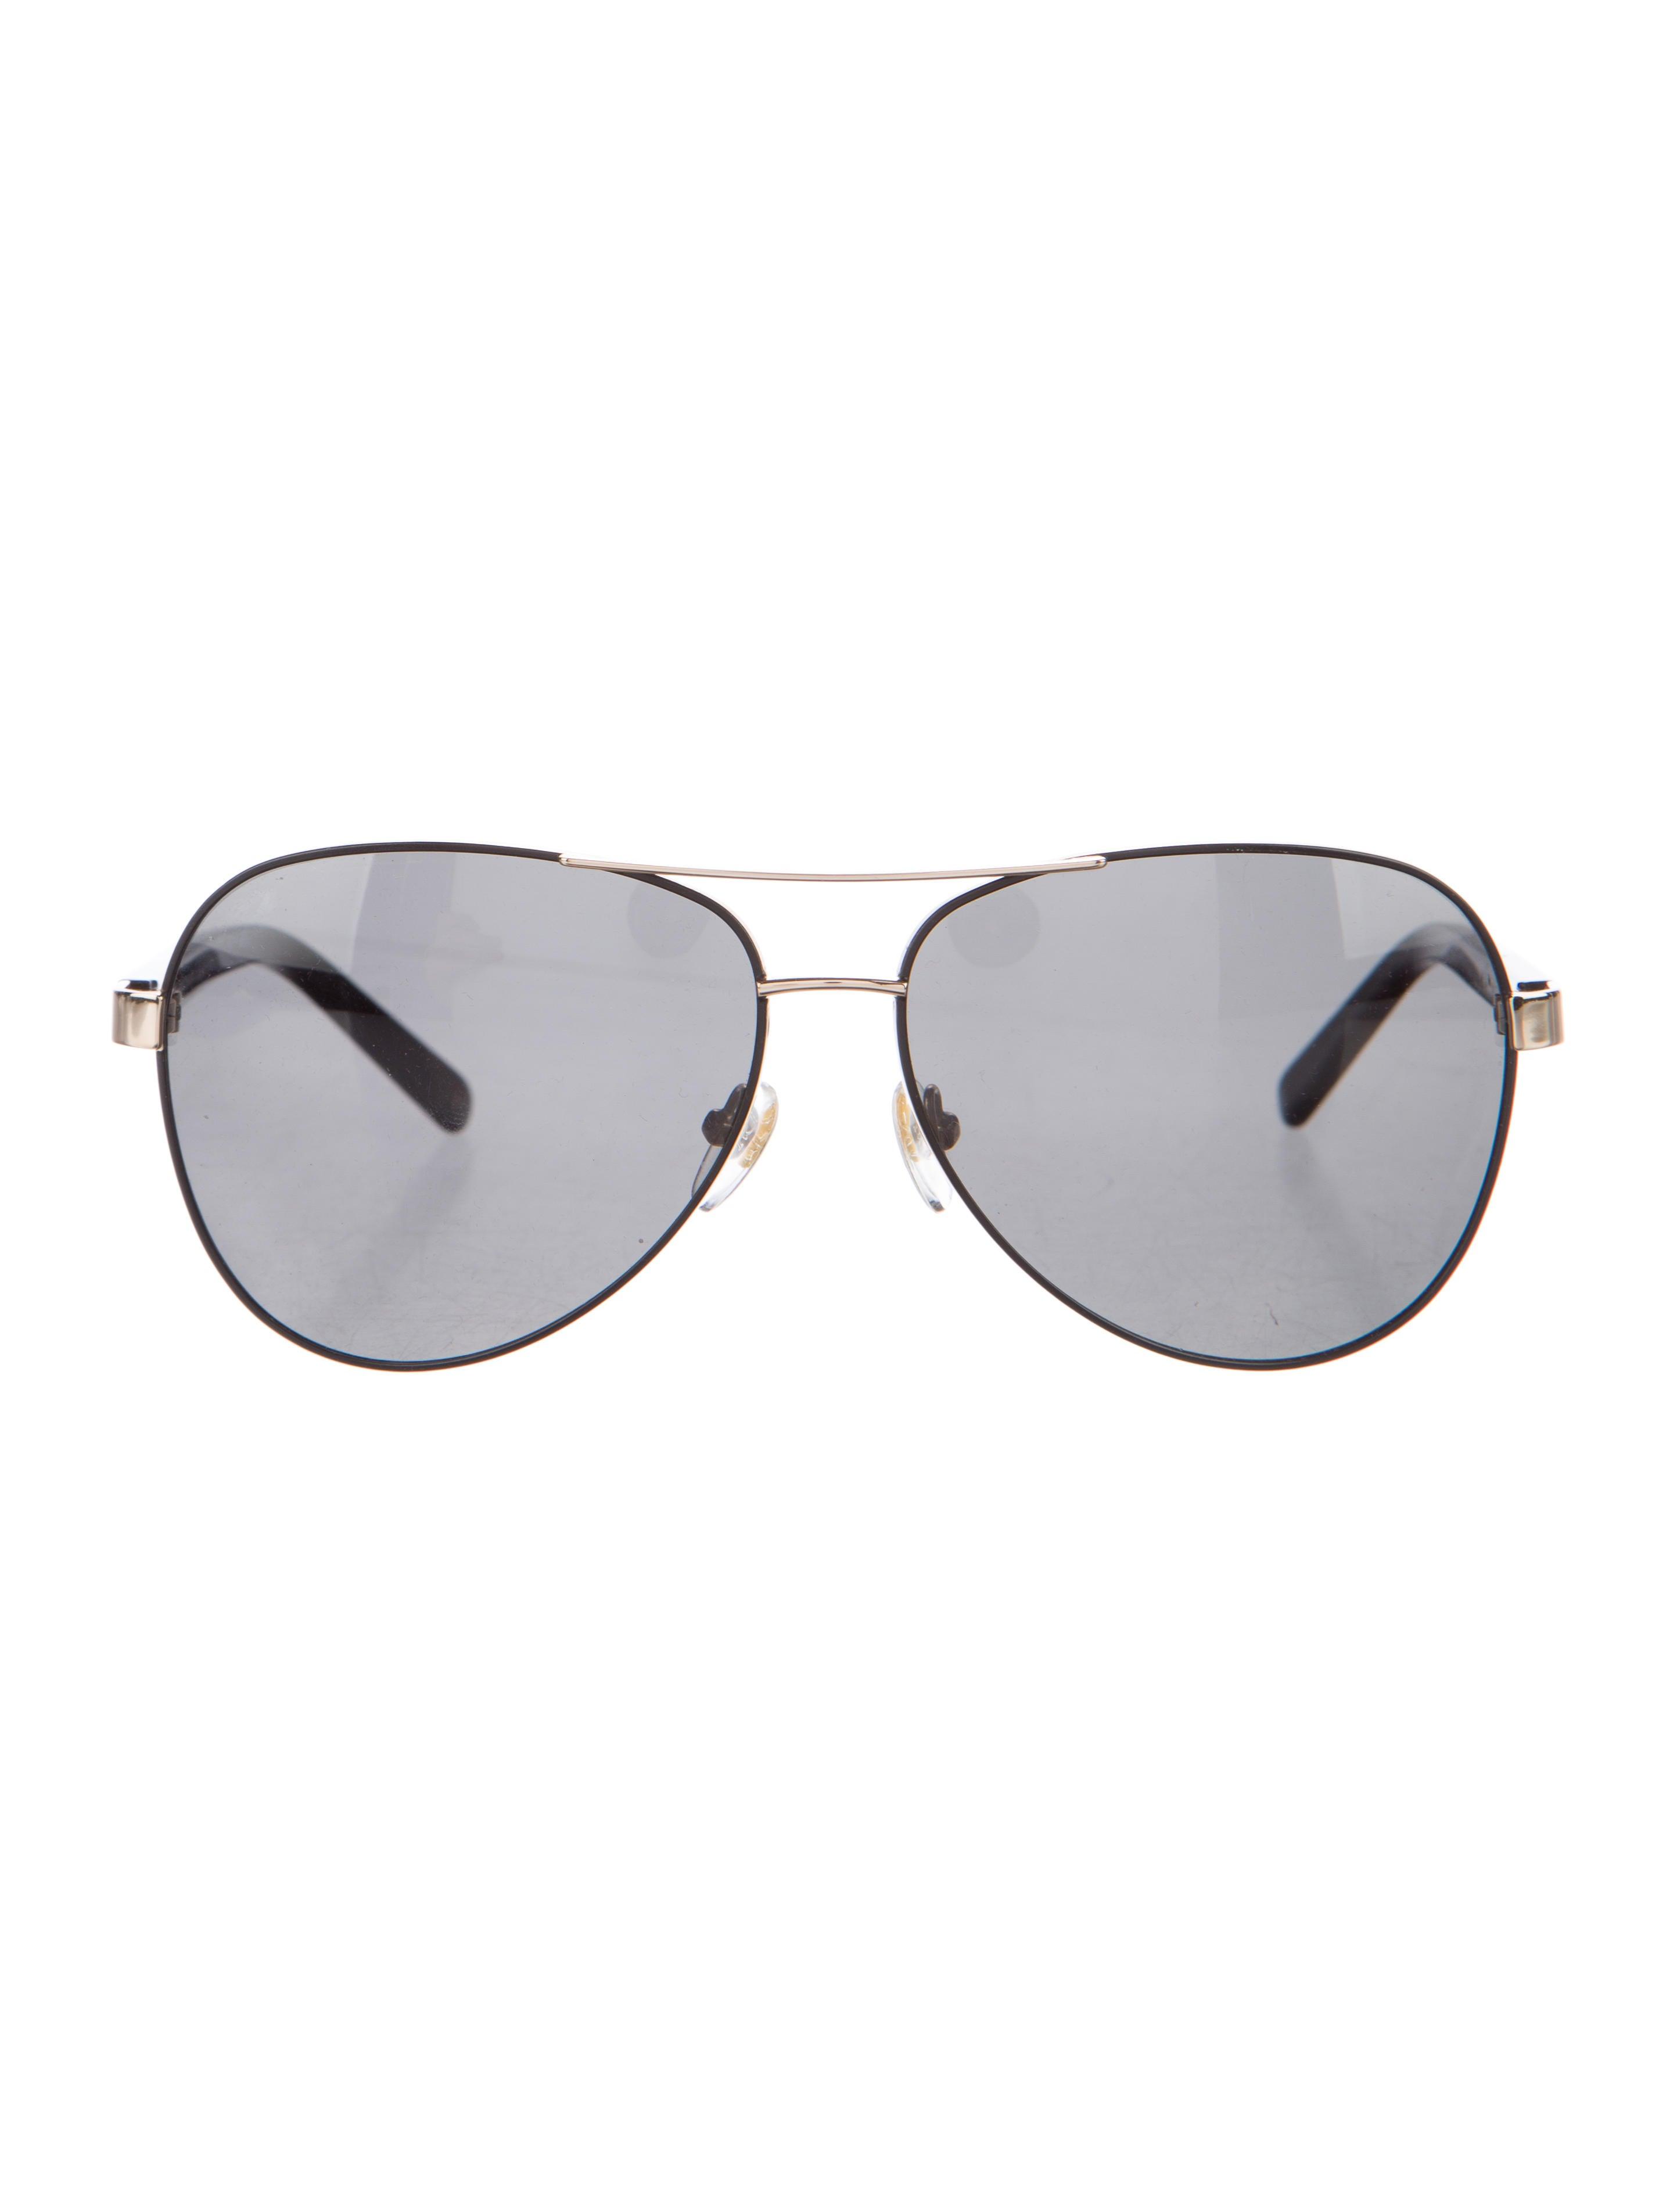 f6caa66803 Diane von Furstenberg Brandy Aviator Sunglasses - Accessories ...